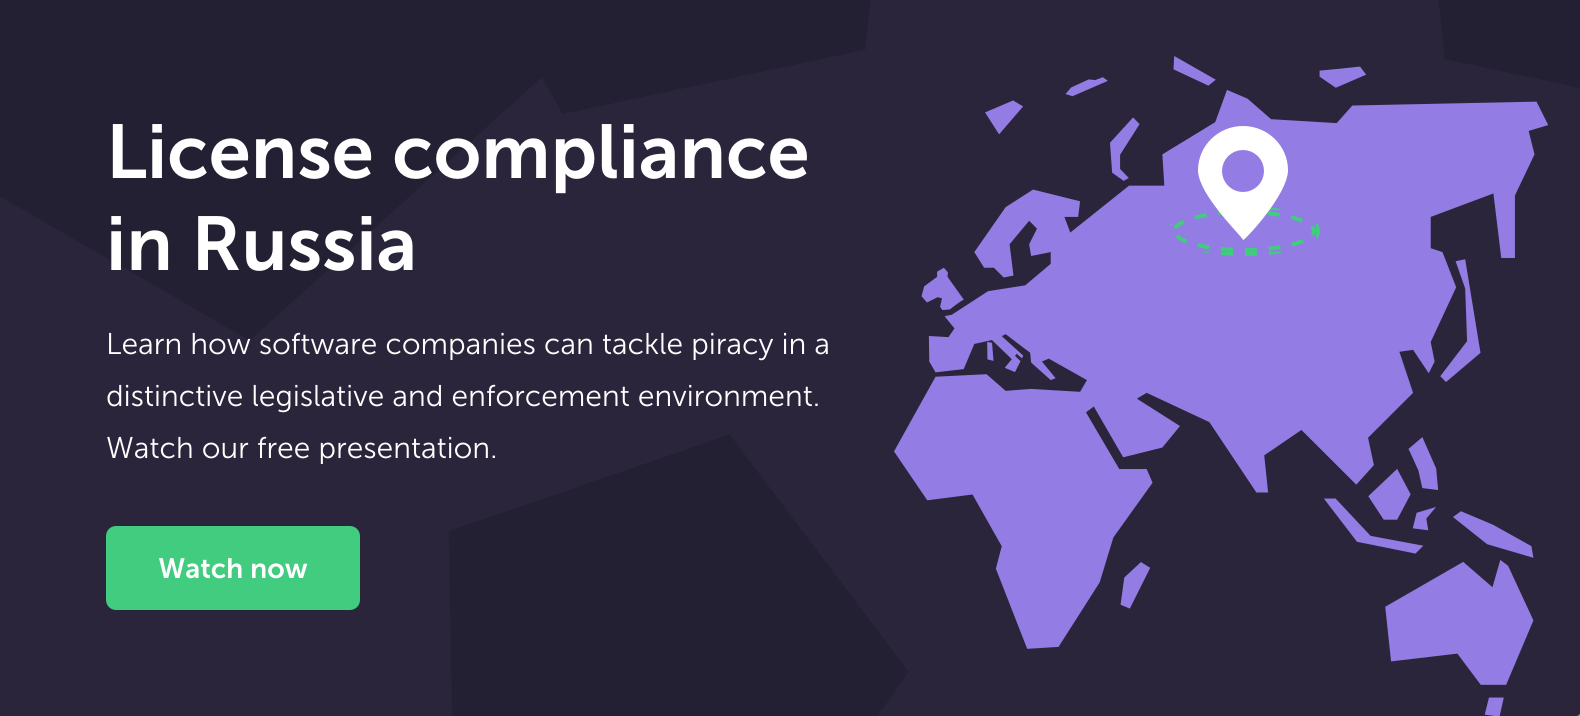 License compliance in Russia CTA